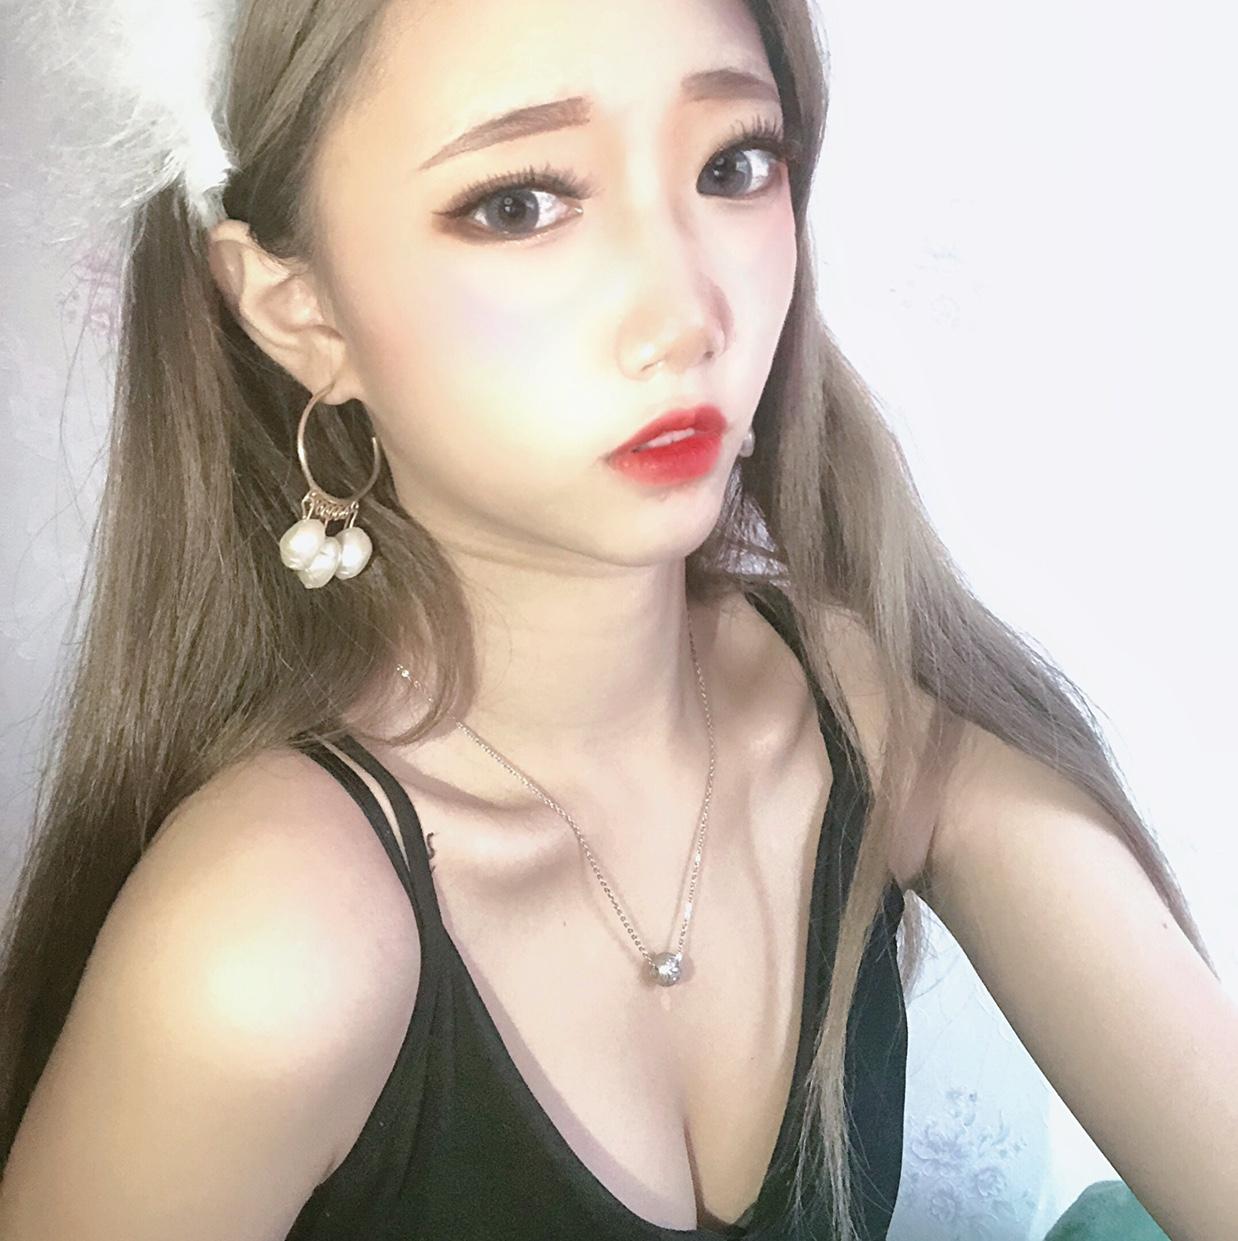 【起点】FX婧怡求真爱.